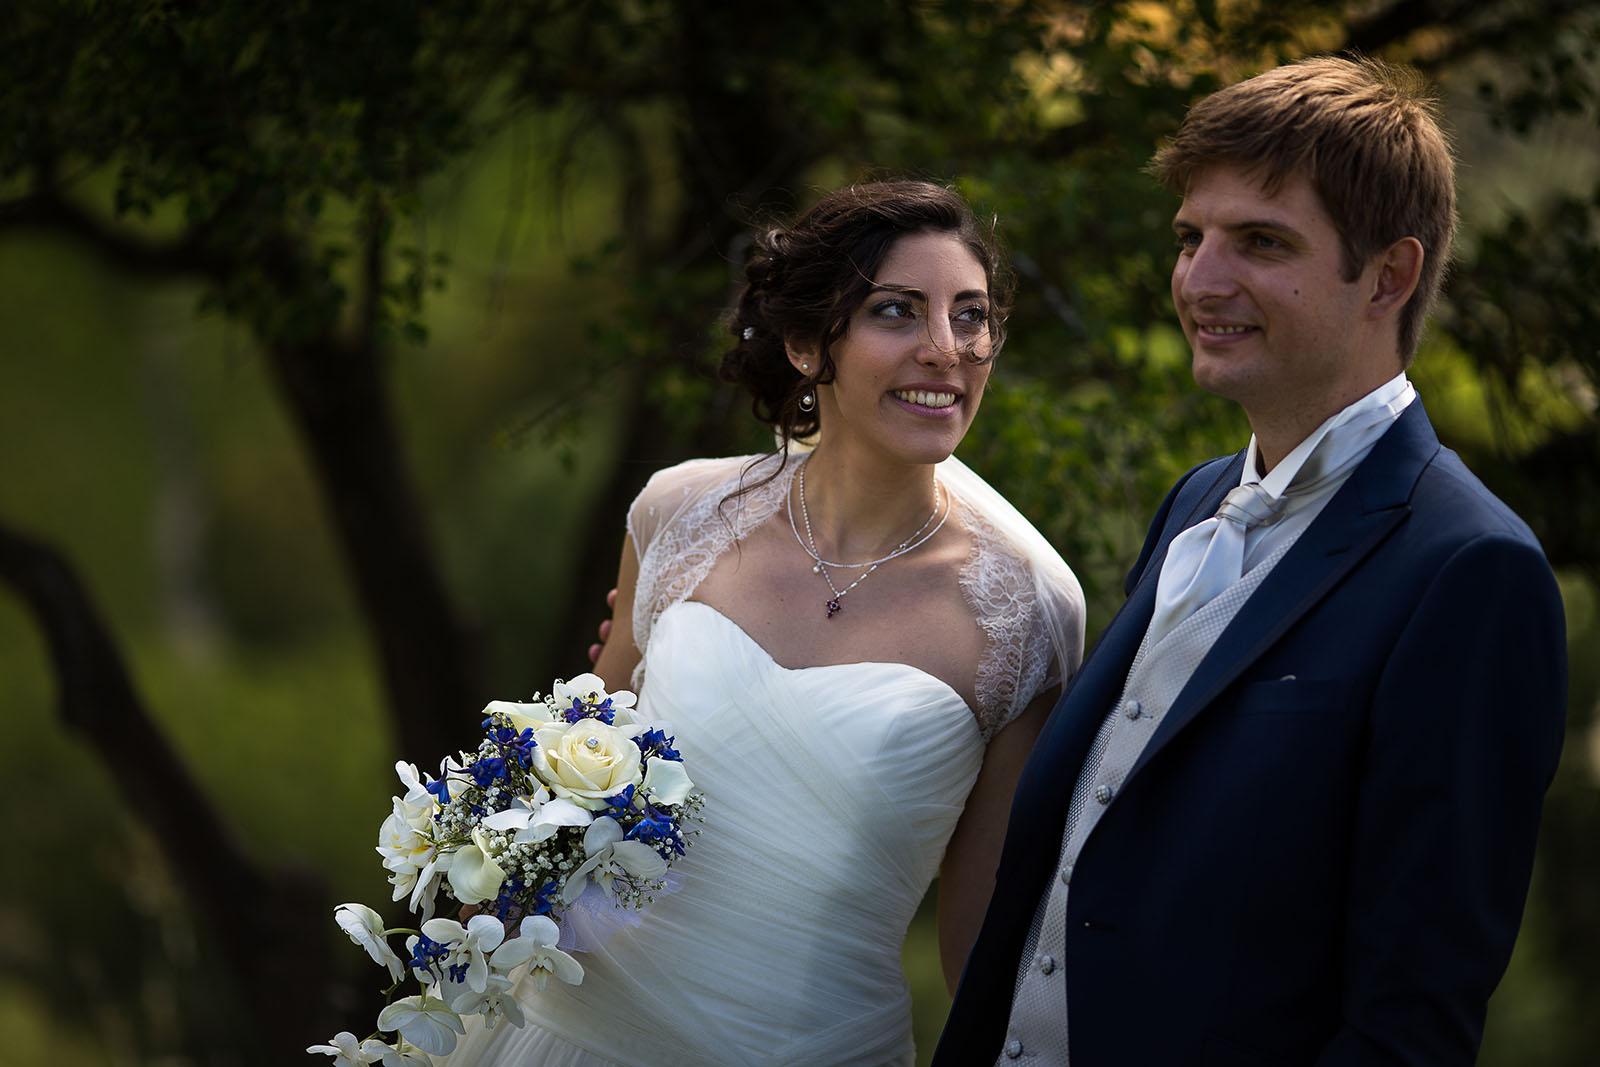 Mariage au Manoir de Corny en Normandie. Portrait des mariés aux Andelys